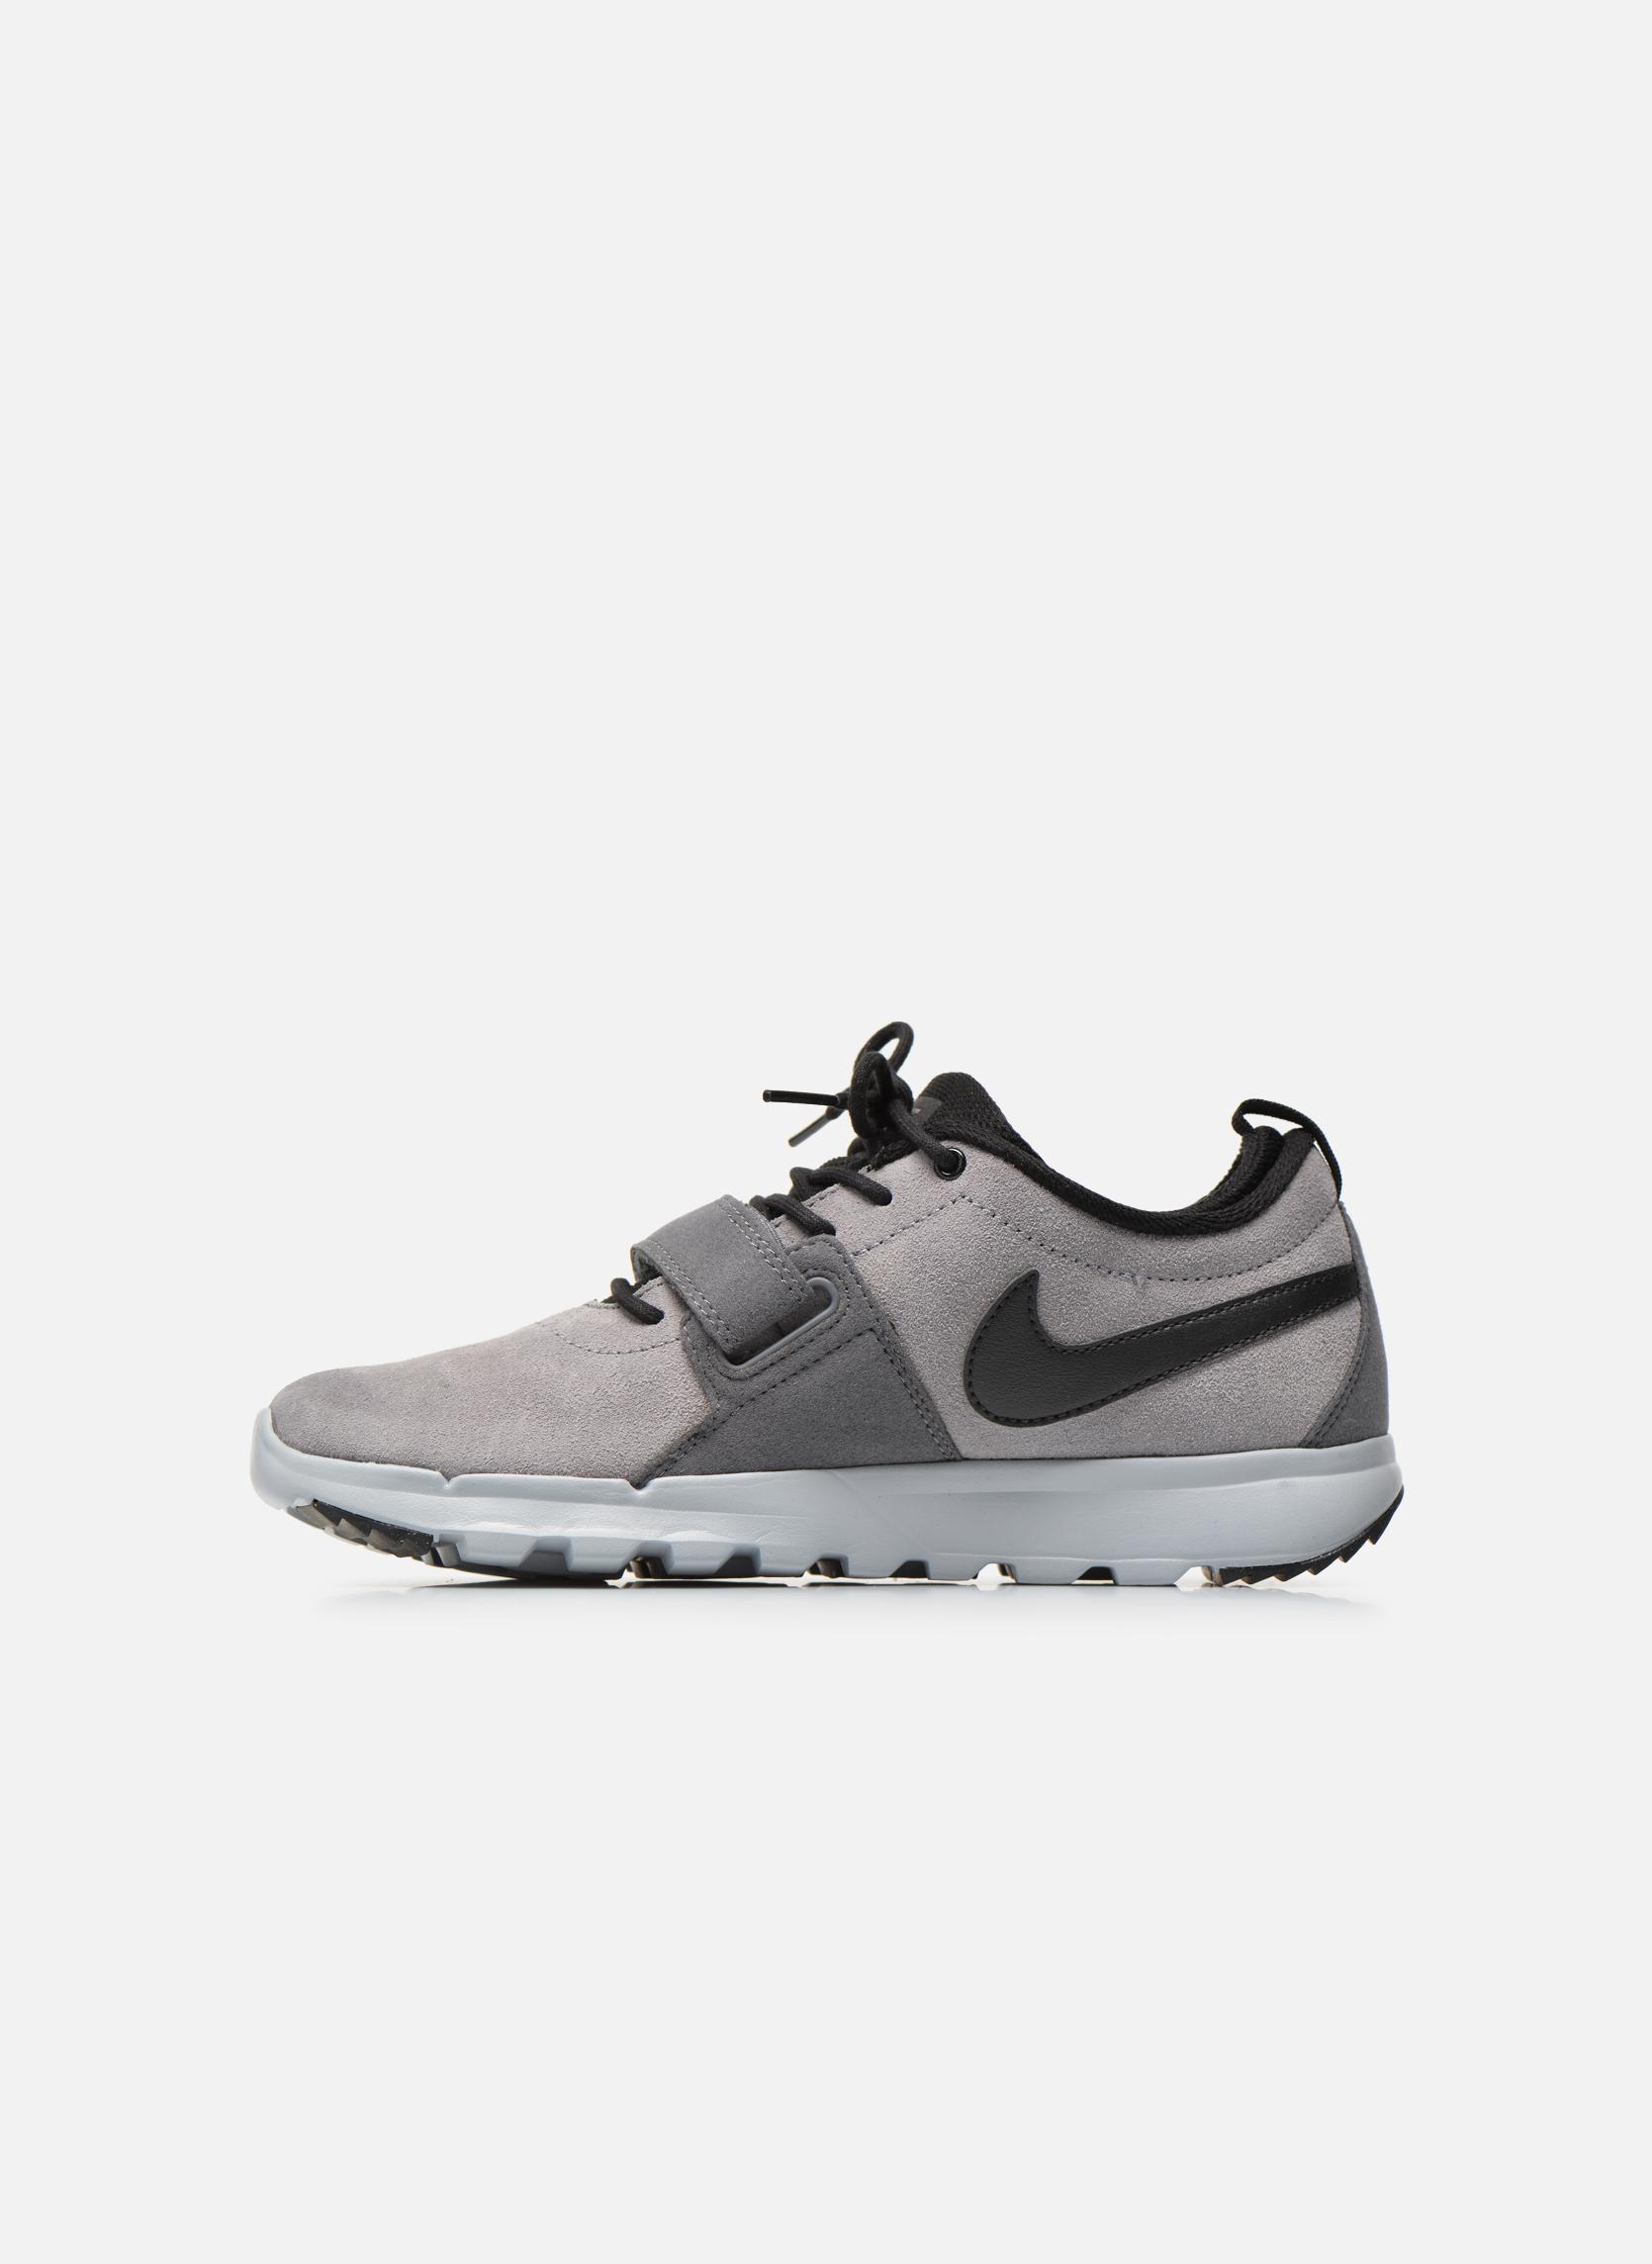 Chaussures de sport Nike Trainerendor L Gris vue face